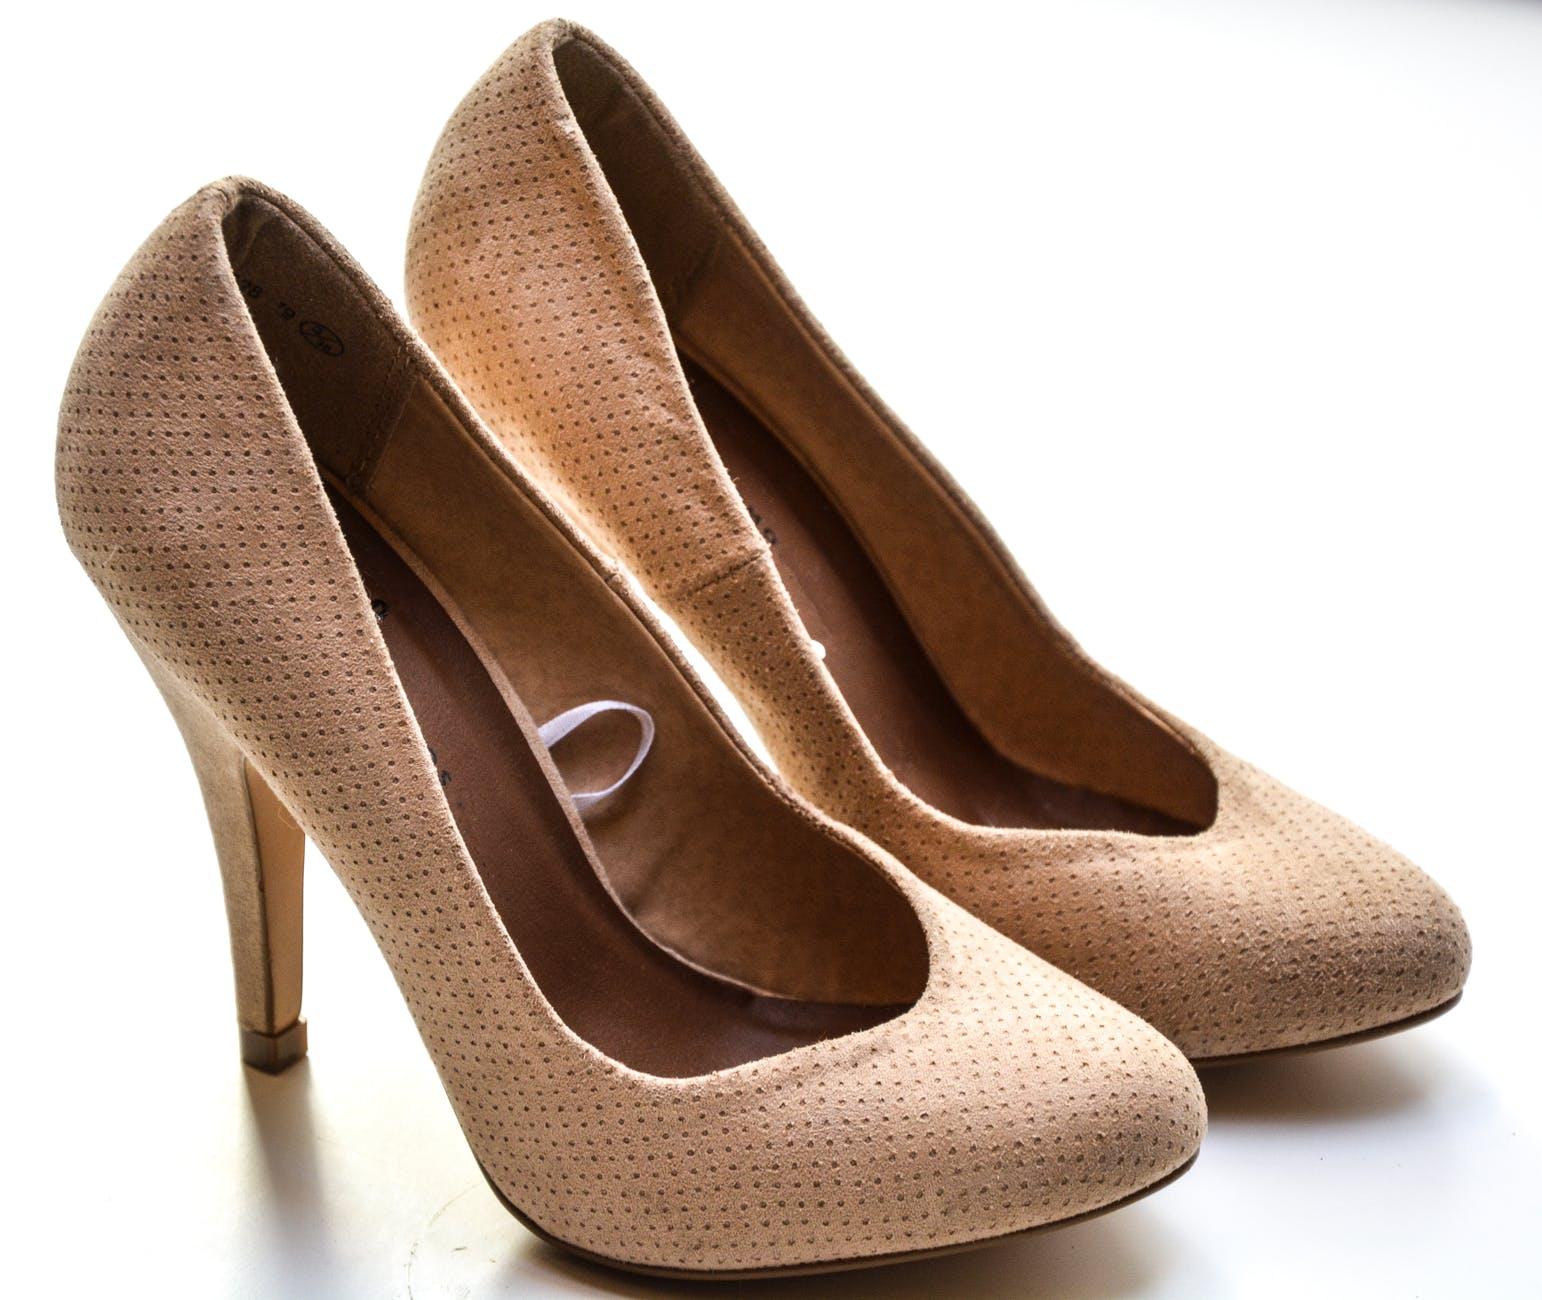 Calçado de qualidade feminino de salto mostrando um solado.